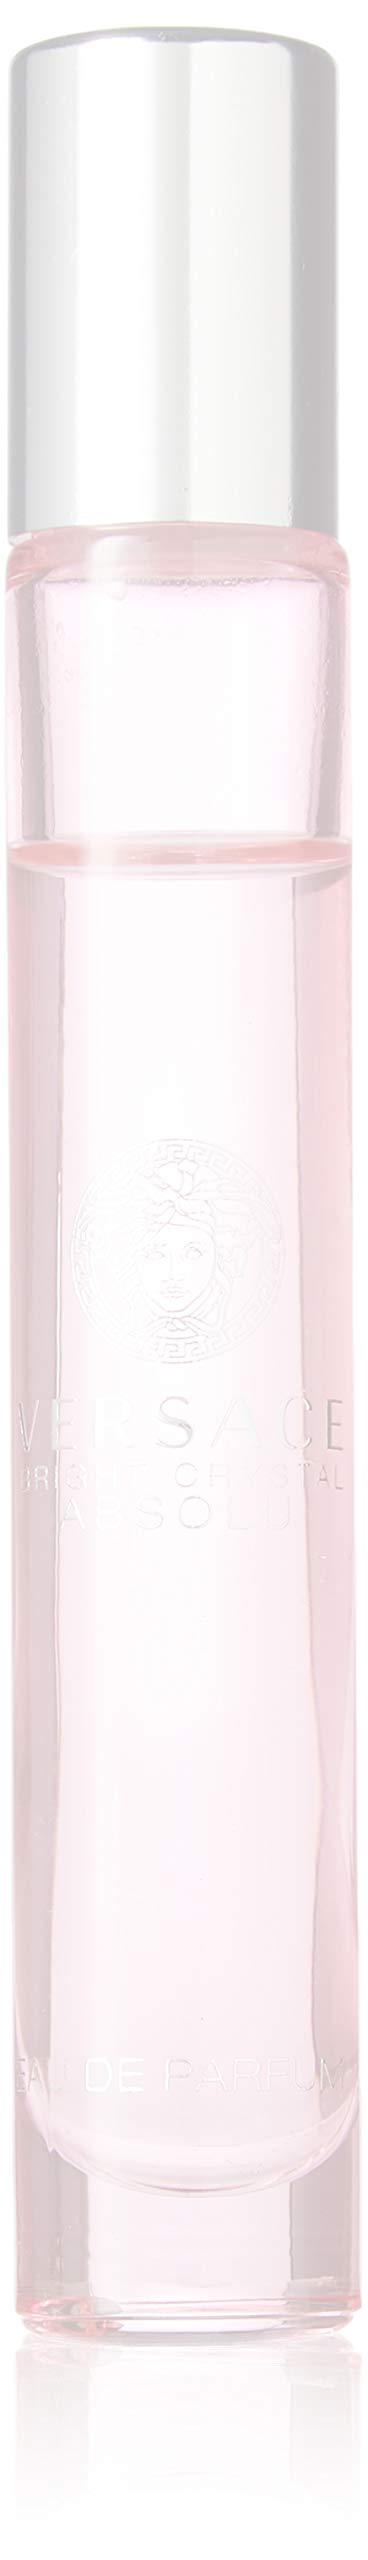 Amazon.com : Versace Bright Crystal Eau de Toilette Spray